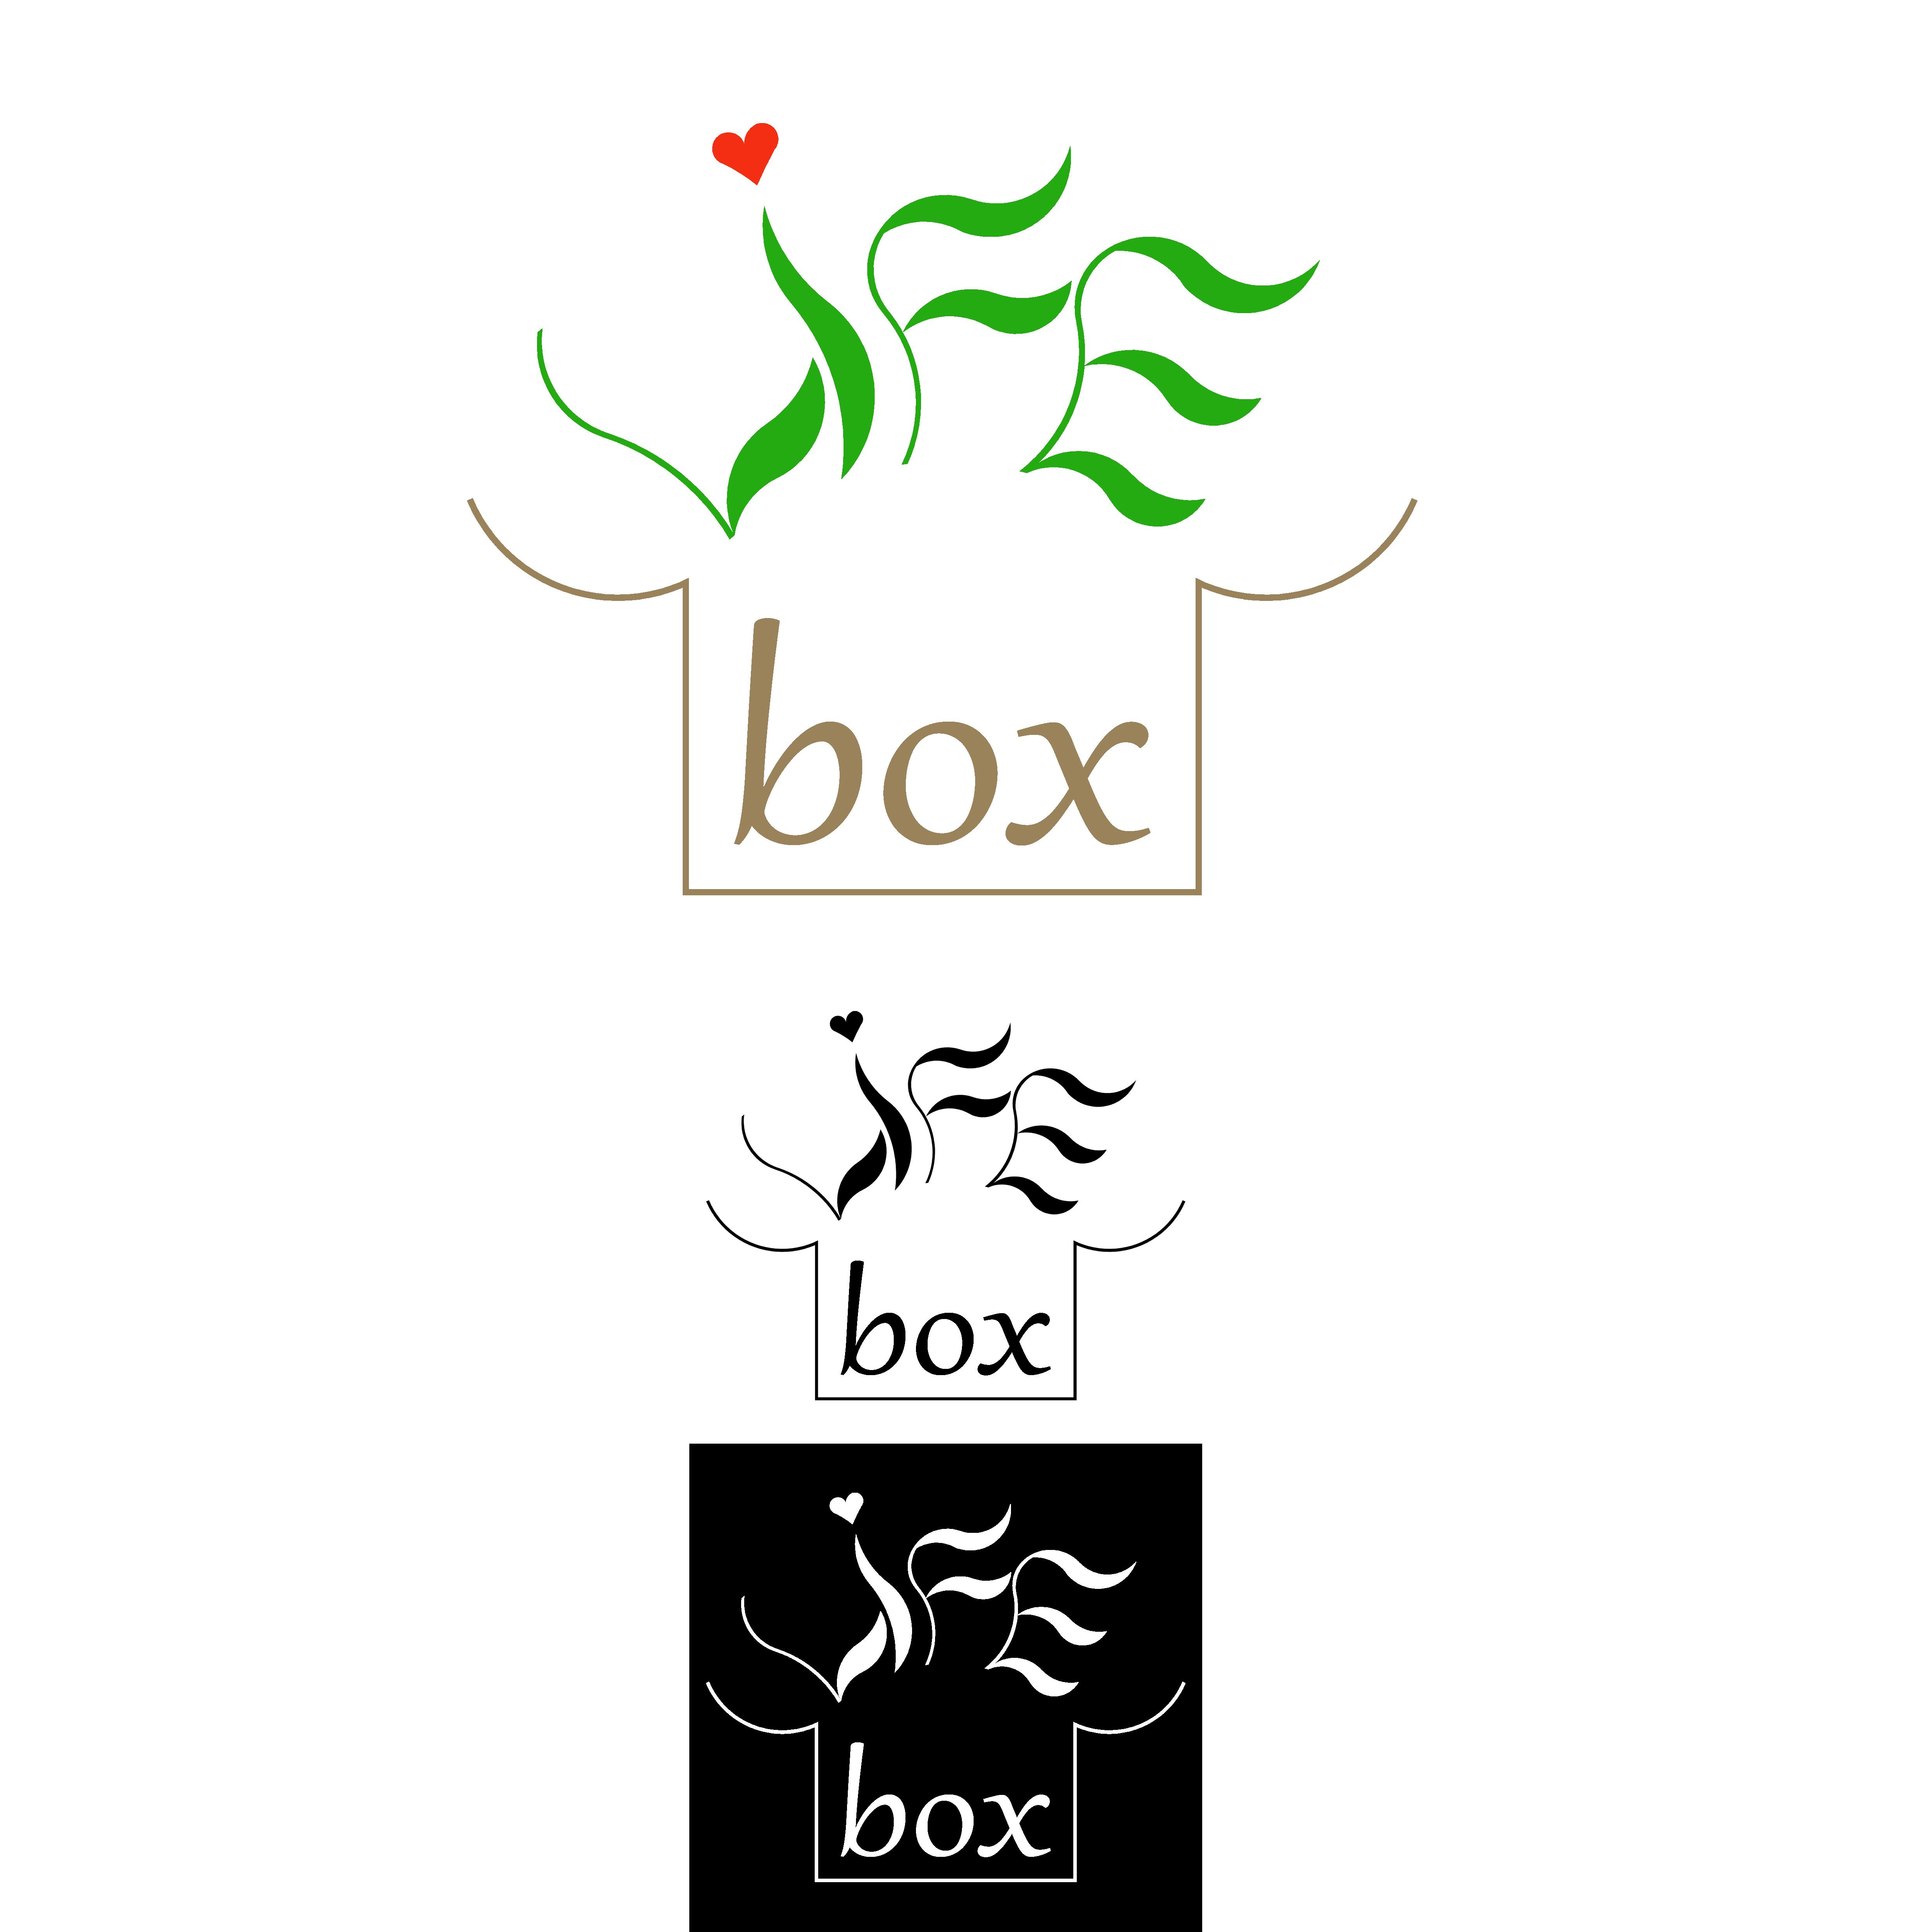 Разработка Логотипа. Победитель получит расширеный заказ  фото f_4115c24d407431b5.jpg